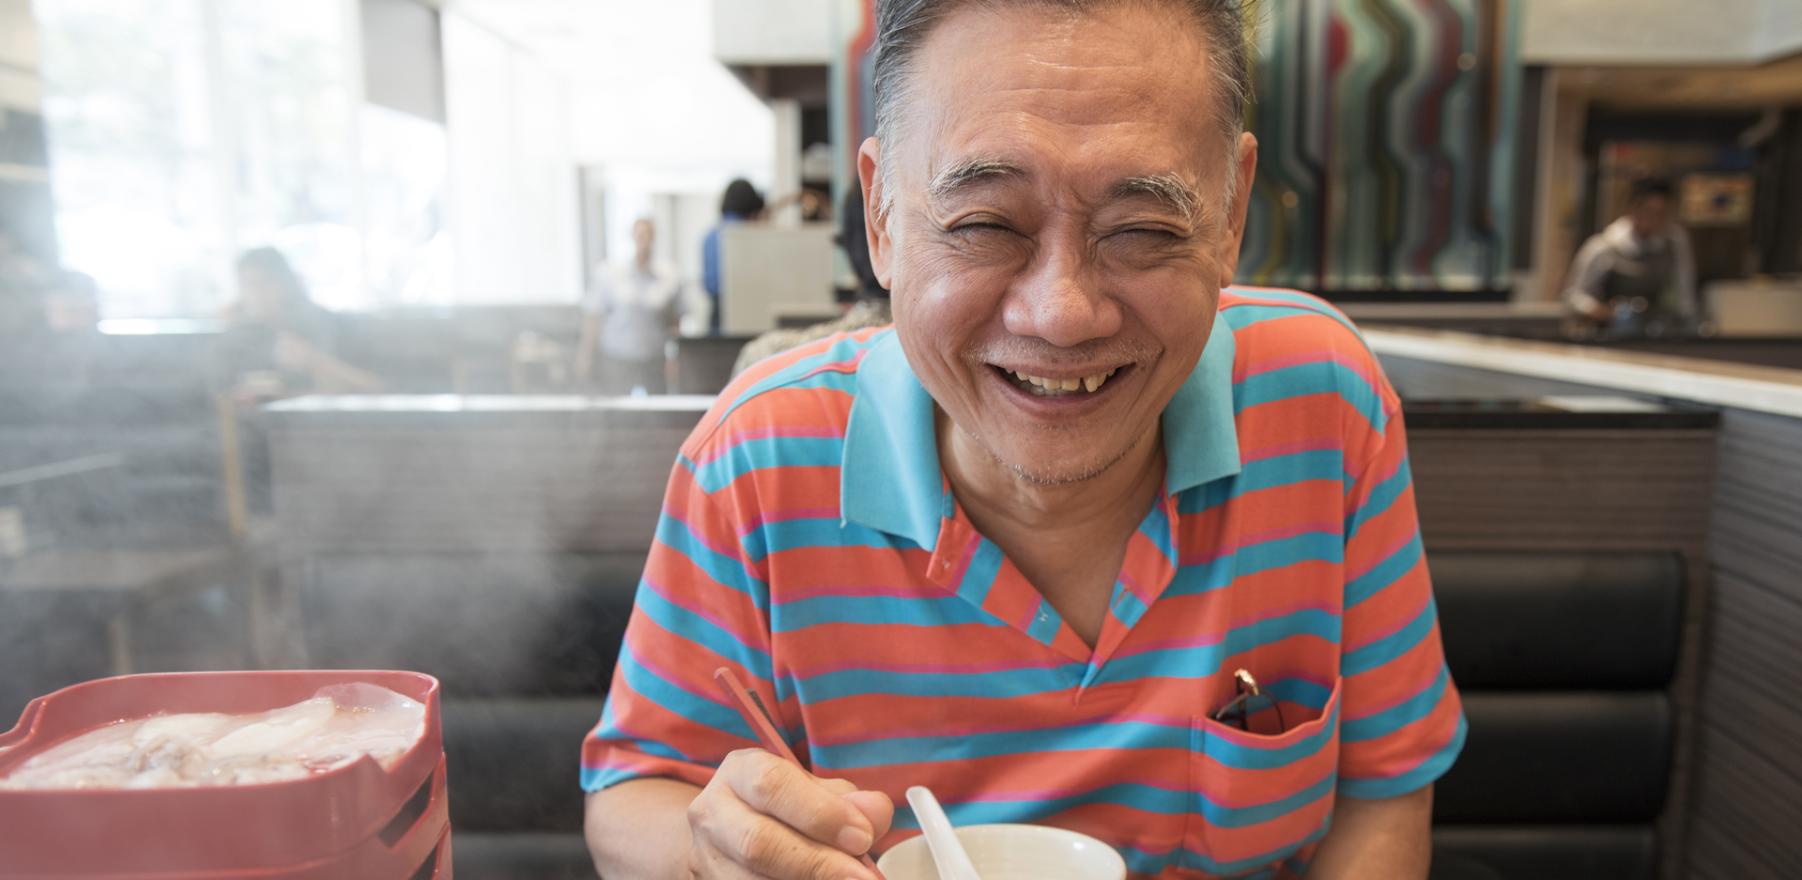 人老先從腸胃老,長壽全靠吃得好